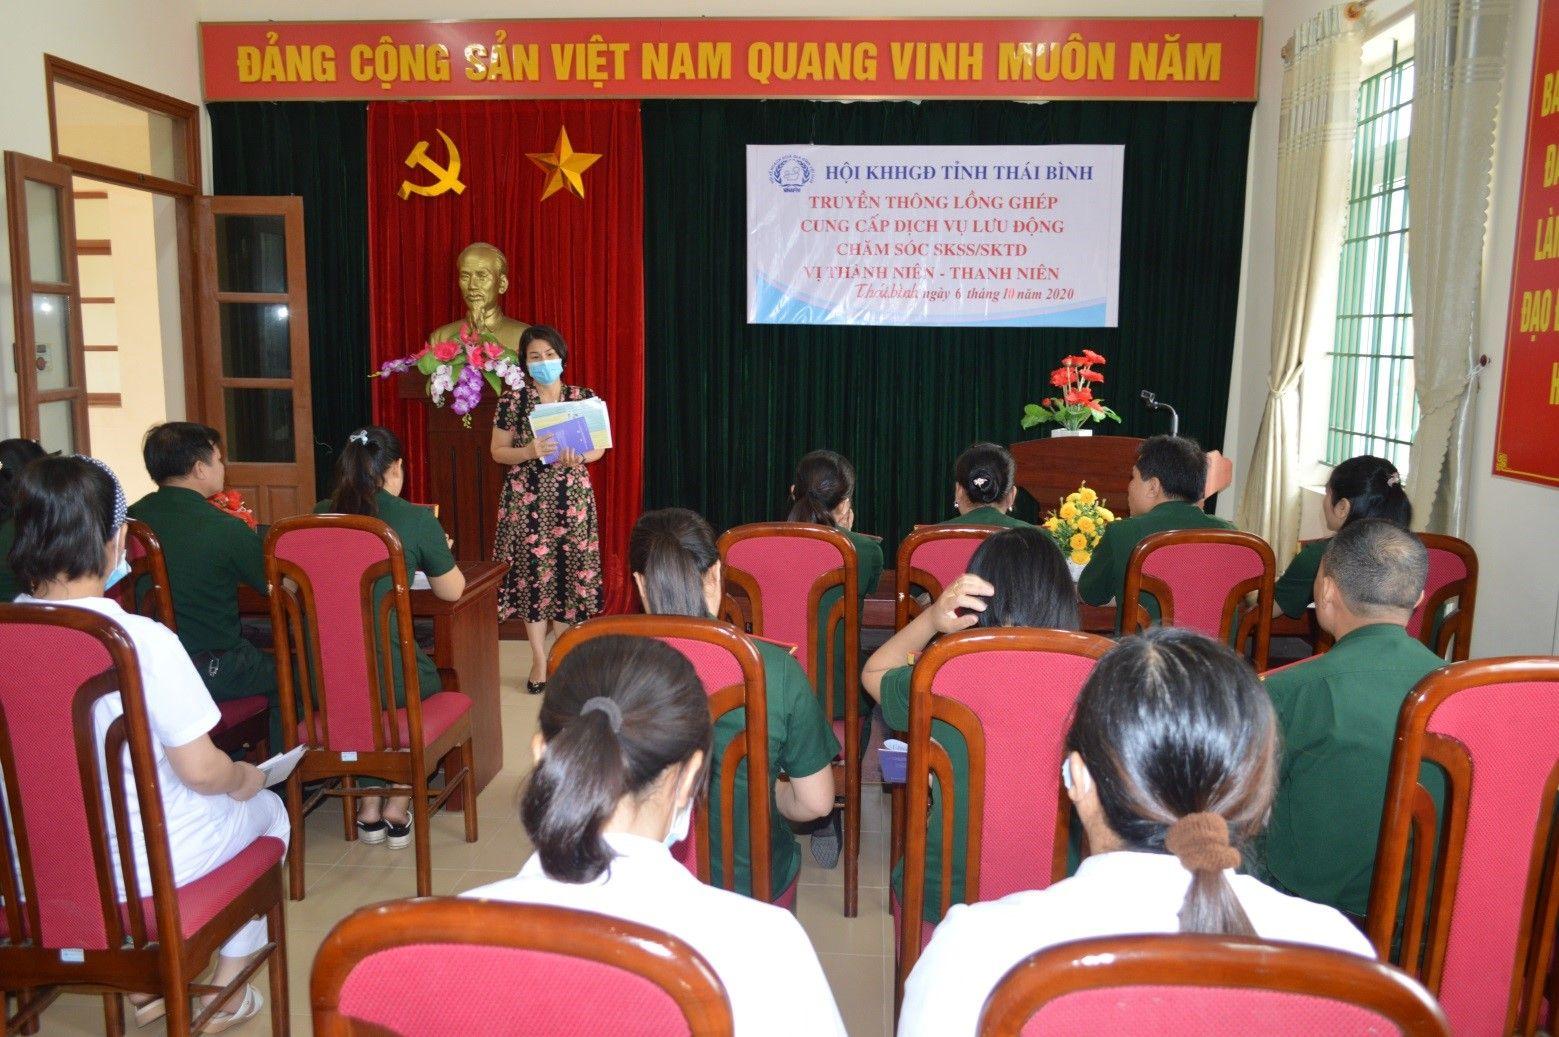 Hội Kế hoạch hóa Gia đình tỉnh: Truyền thông lồng ghép cung cấp dịch vụ lưu động chăm sóc Sức khỏe Sinh sản, Sức khỏe tình dục vị Thành niên - Thanh niên